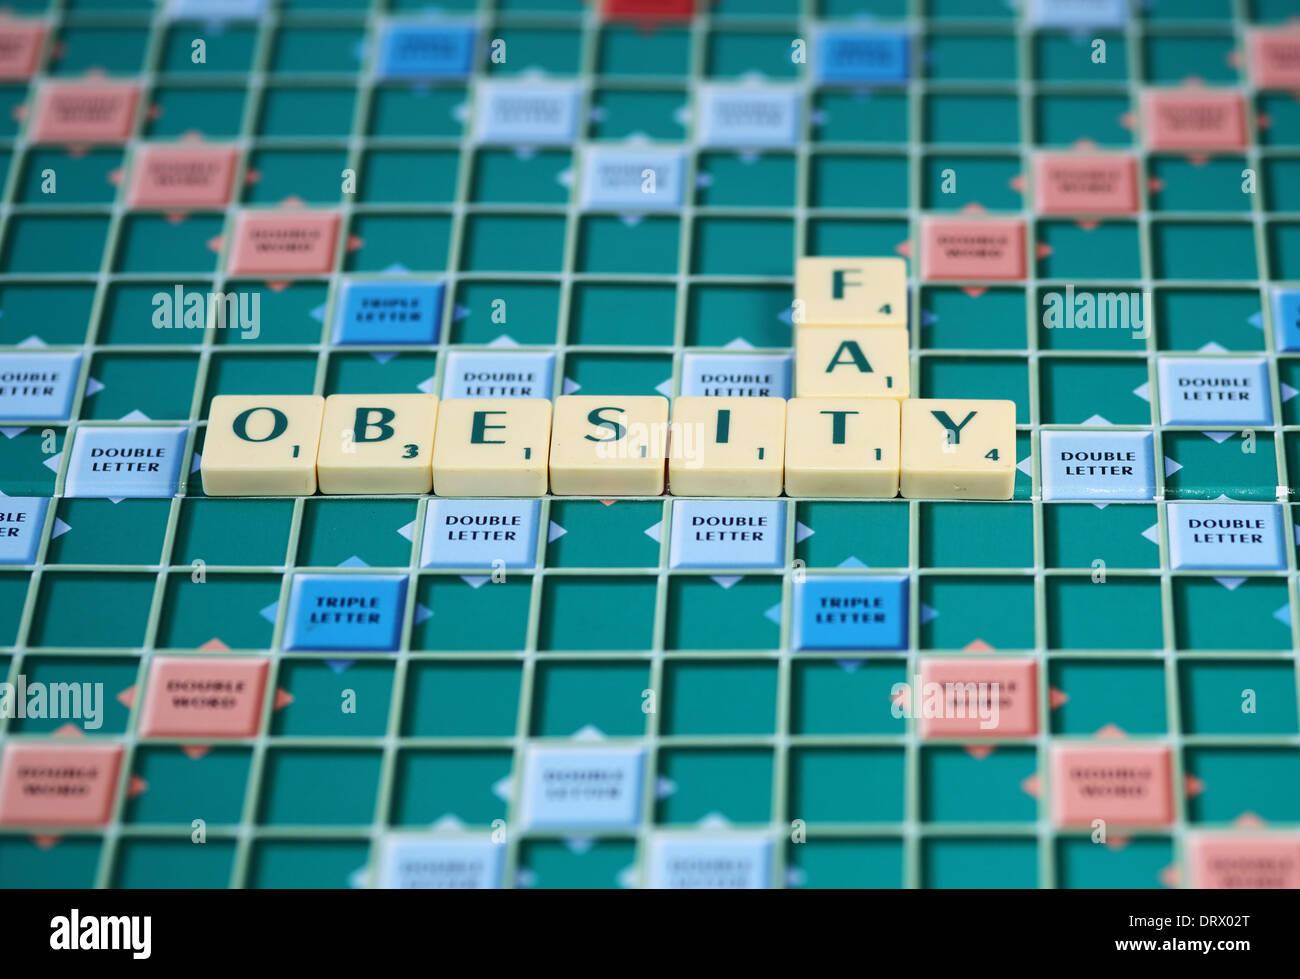 Juego de tablero scrabble azulejos obesidad Imagen De Stock